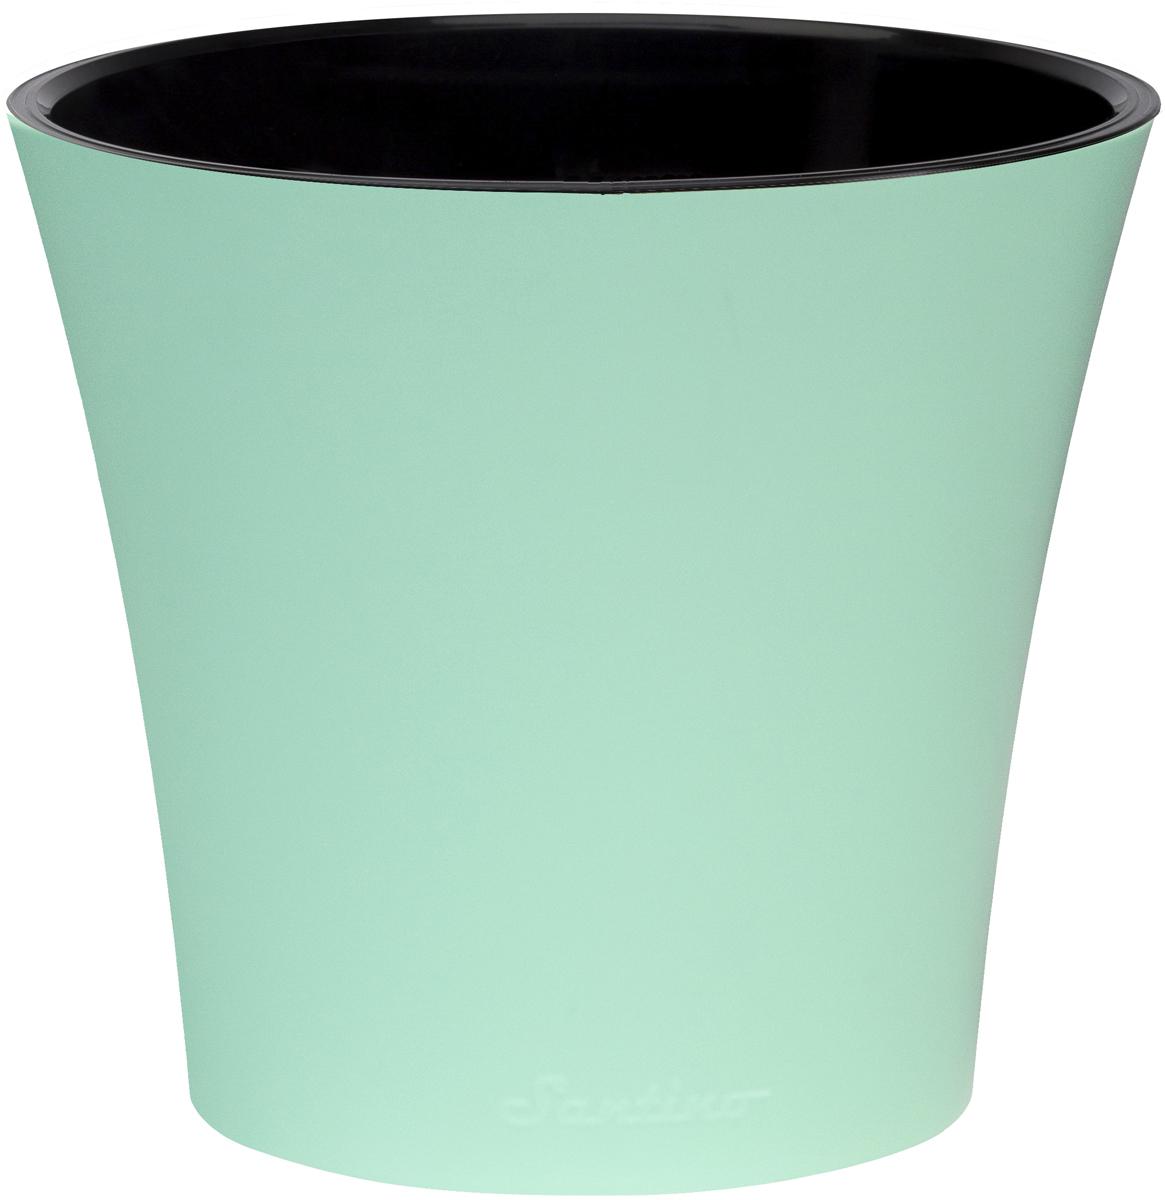 Горшок для цветов Santino Арте, двойной, с системой автополива, цвет: мятный, черный, 5 лАРТ 5 М-ЧЛюбой, даже самый современный и продуманный интерьер будет незавершенным без растений. Они не только очищают воздух и насыщают его кислородом, но и украшают окружающее пространство. Горшок Santino выполненный из высококачественного пластика, предназначен для выращивания комнатных цветов, растений и трав.Инновационная система автополива обладает рядом преимуществ: экономит время при уходе за растением, вода не протекает при поливе, и нет необходимости в подставке, корни не застаиваются в воде.Такой горшок порадует вас современным дизайном и функциональностью, а также оригинально украсит интерьер любого помещения.Высота горшка: 20 см;Диаметр: 22 см.